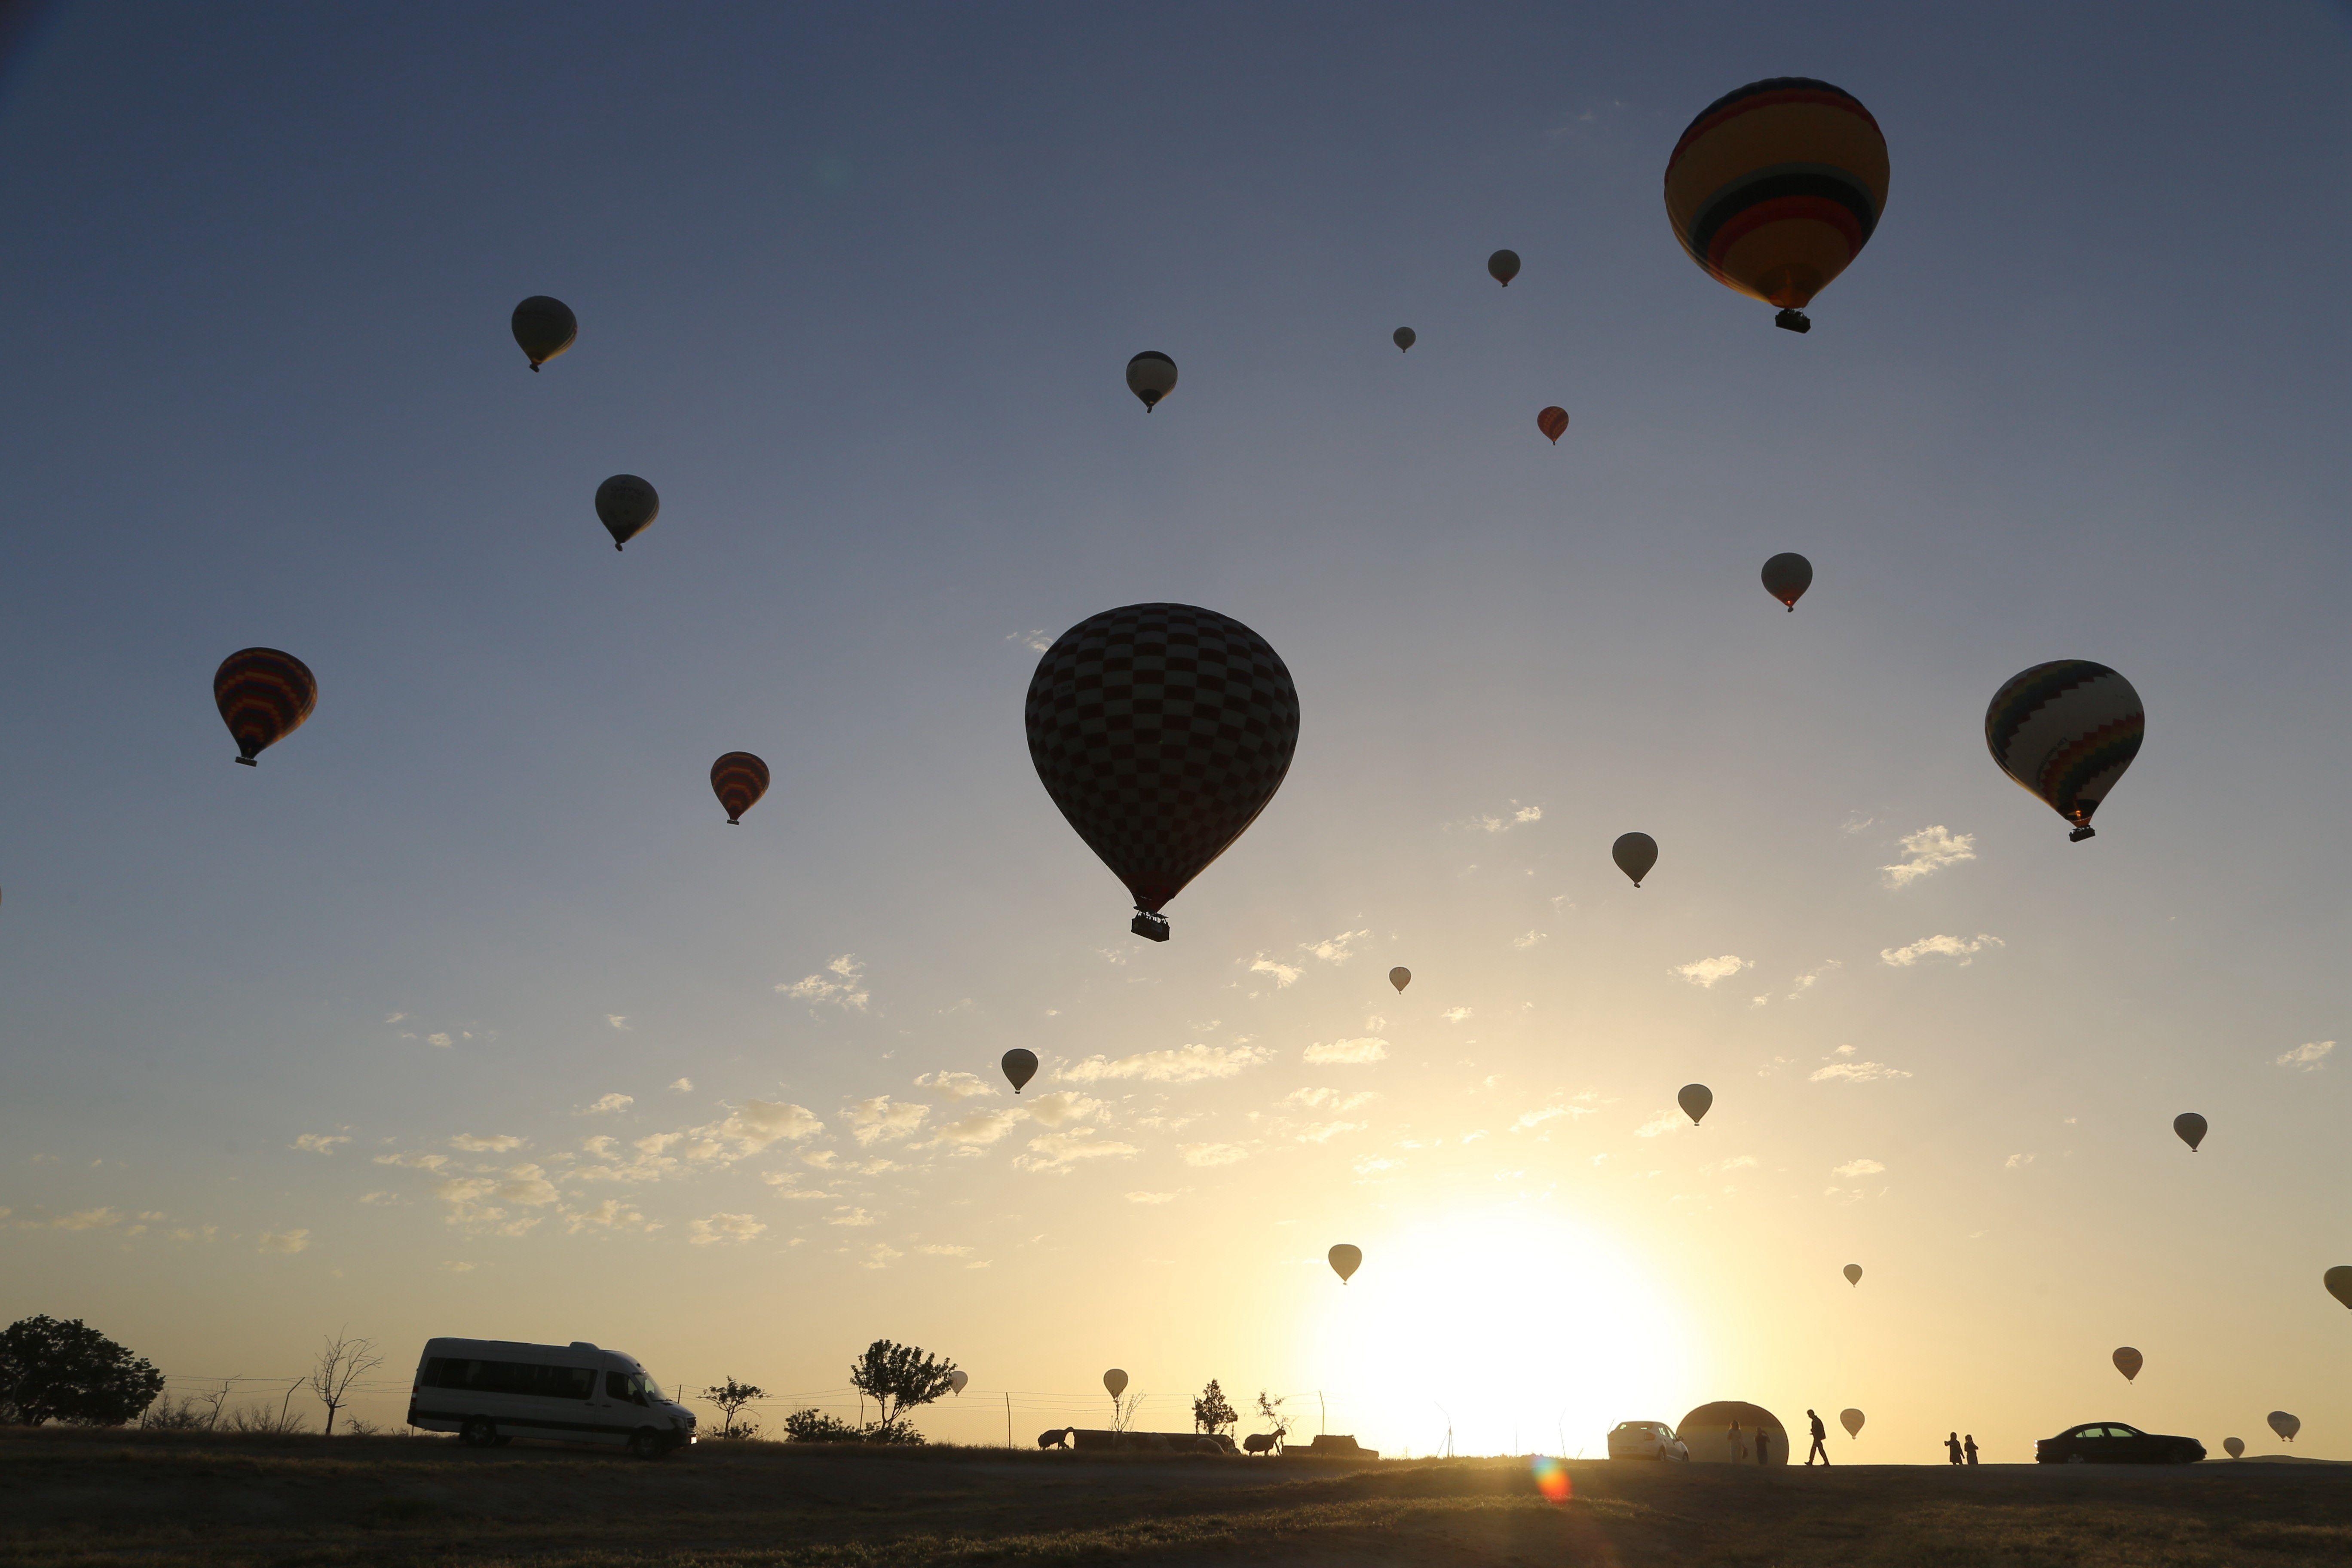 极尽浪漫!实拍土耳其卡帕多西亚热气球美景